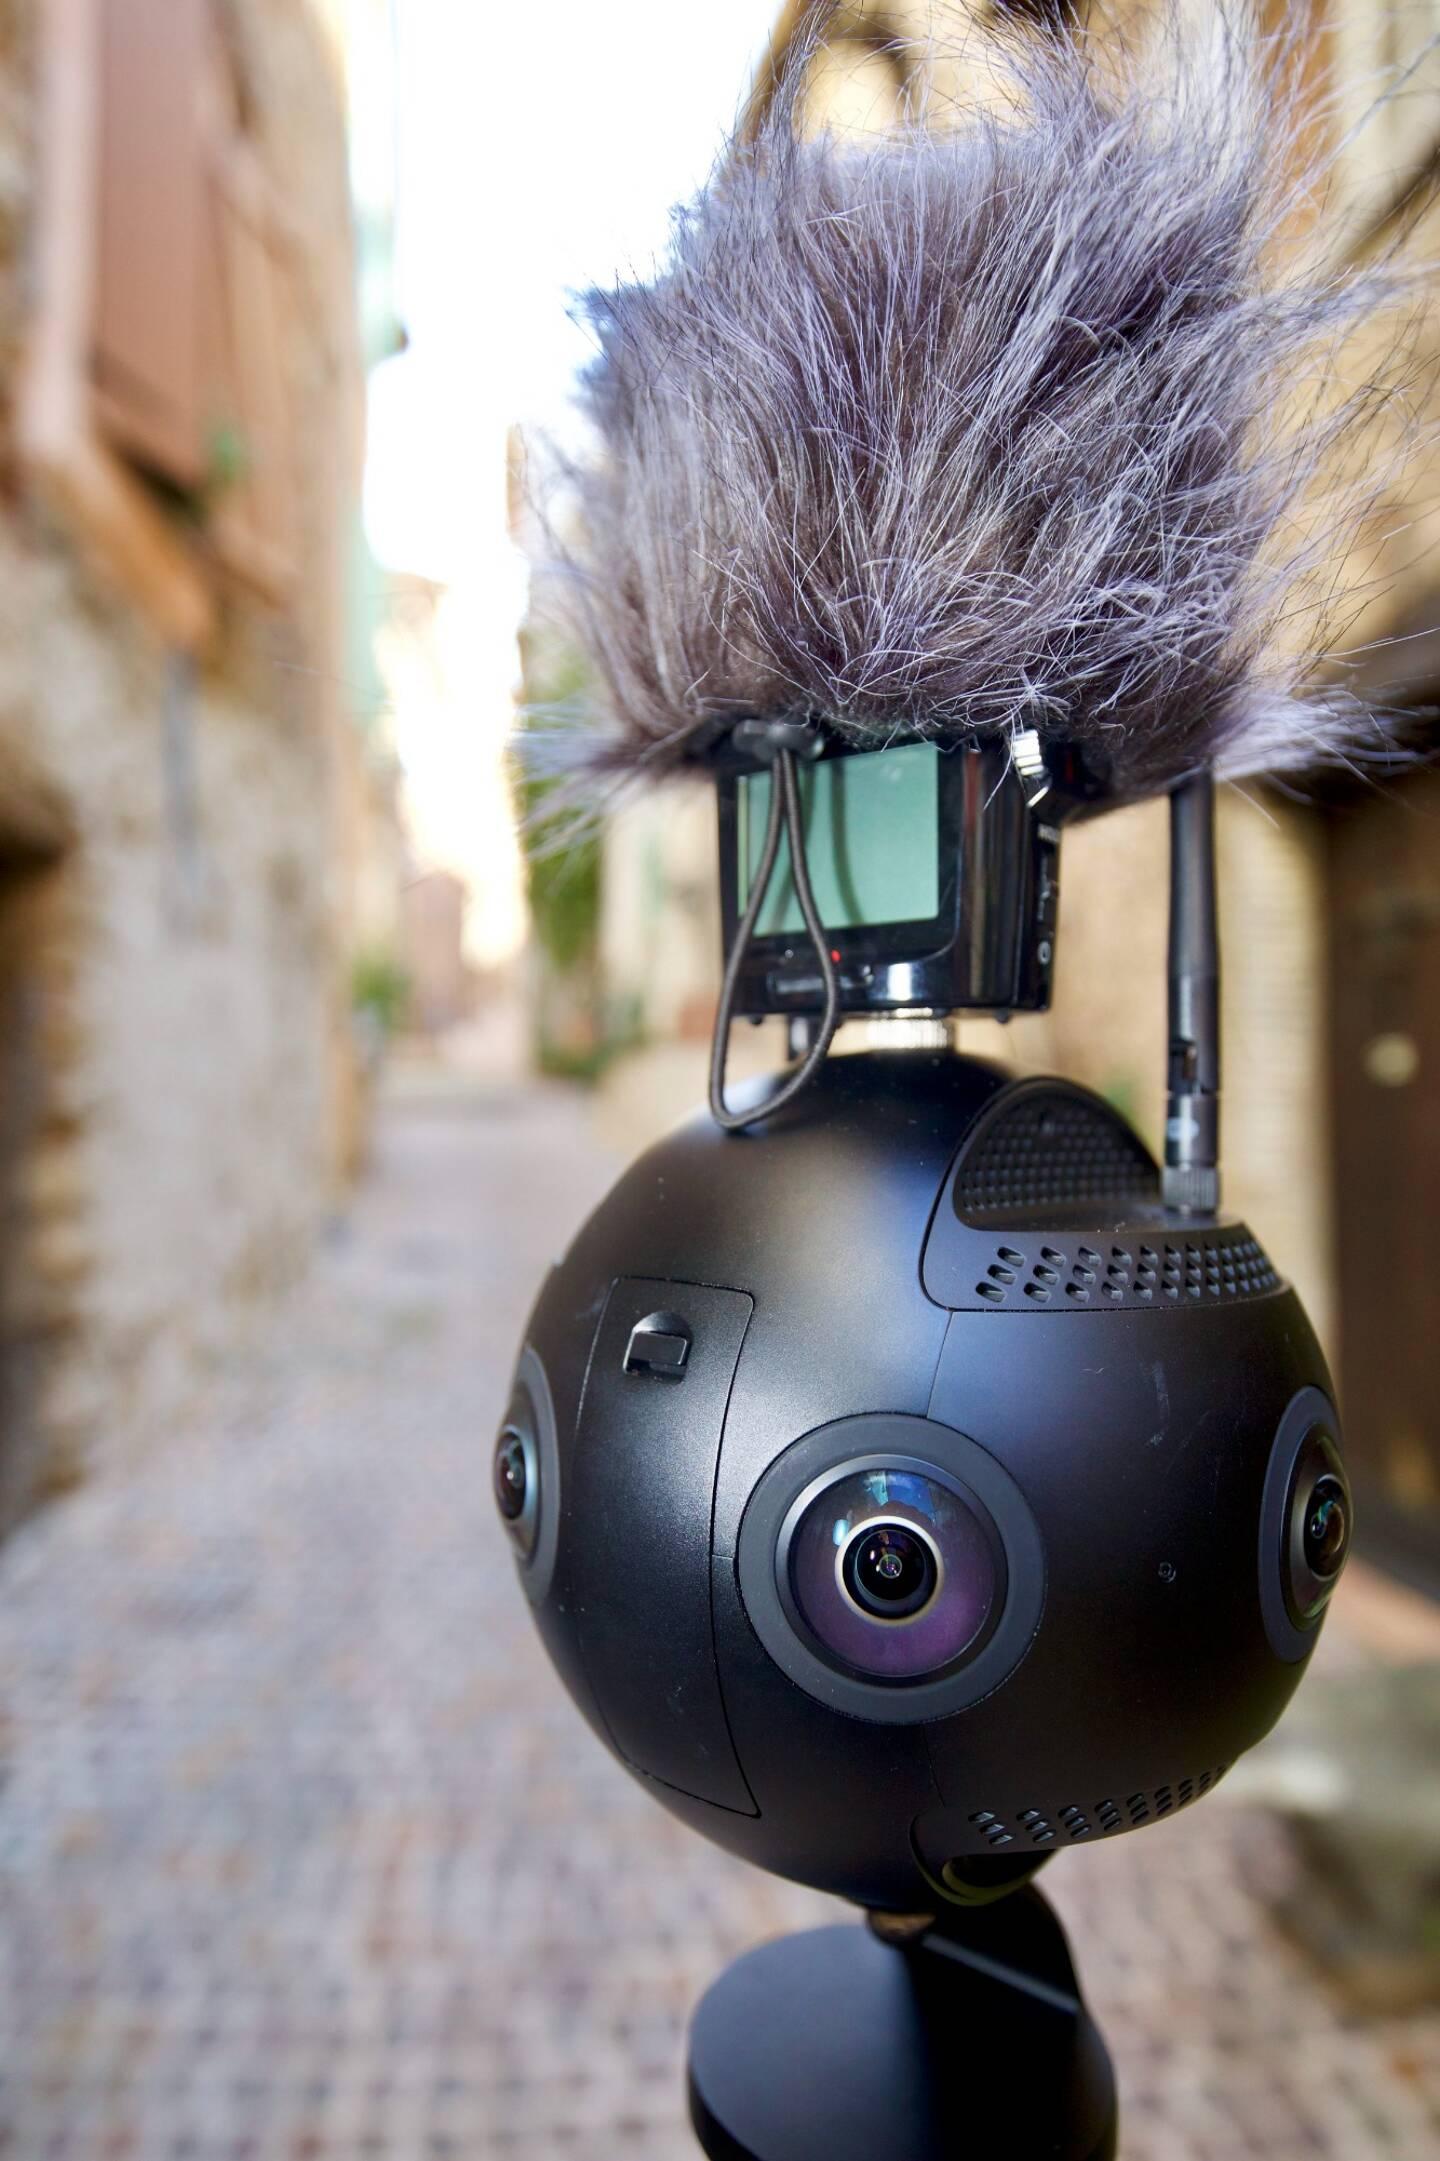 L'outil clé qui permet à Philippe Schneider et Christian Bascio de créer leurs vidéos 3D est Charlie, la caméra 3D Insta 360 Pro 2 Tournage en 8K et en stéréo 3D.